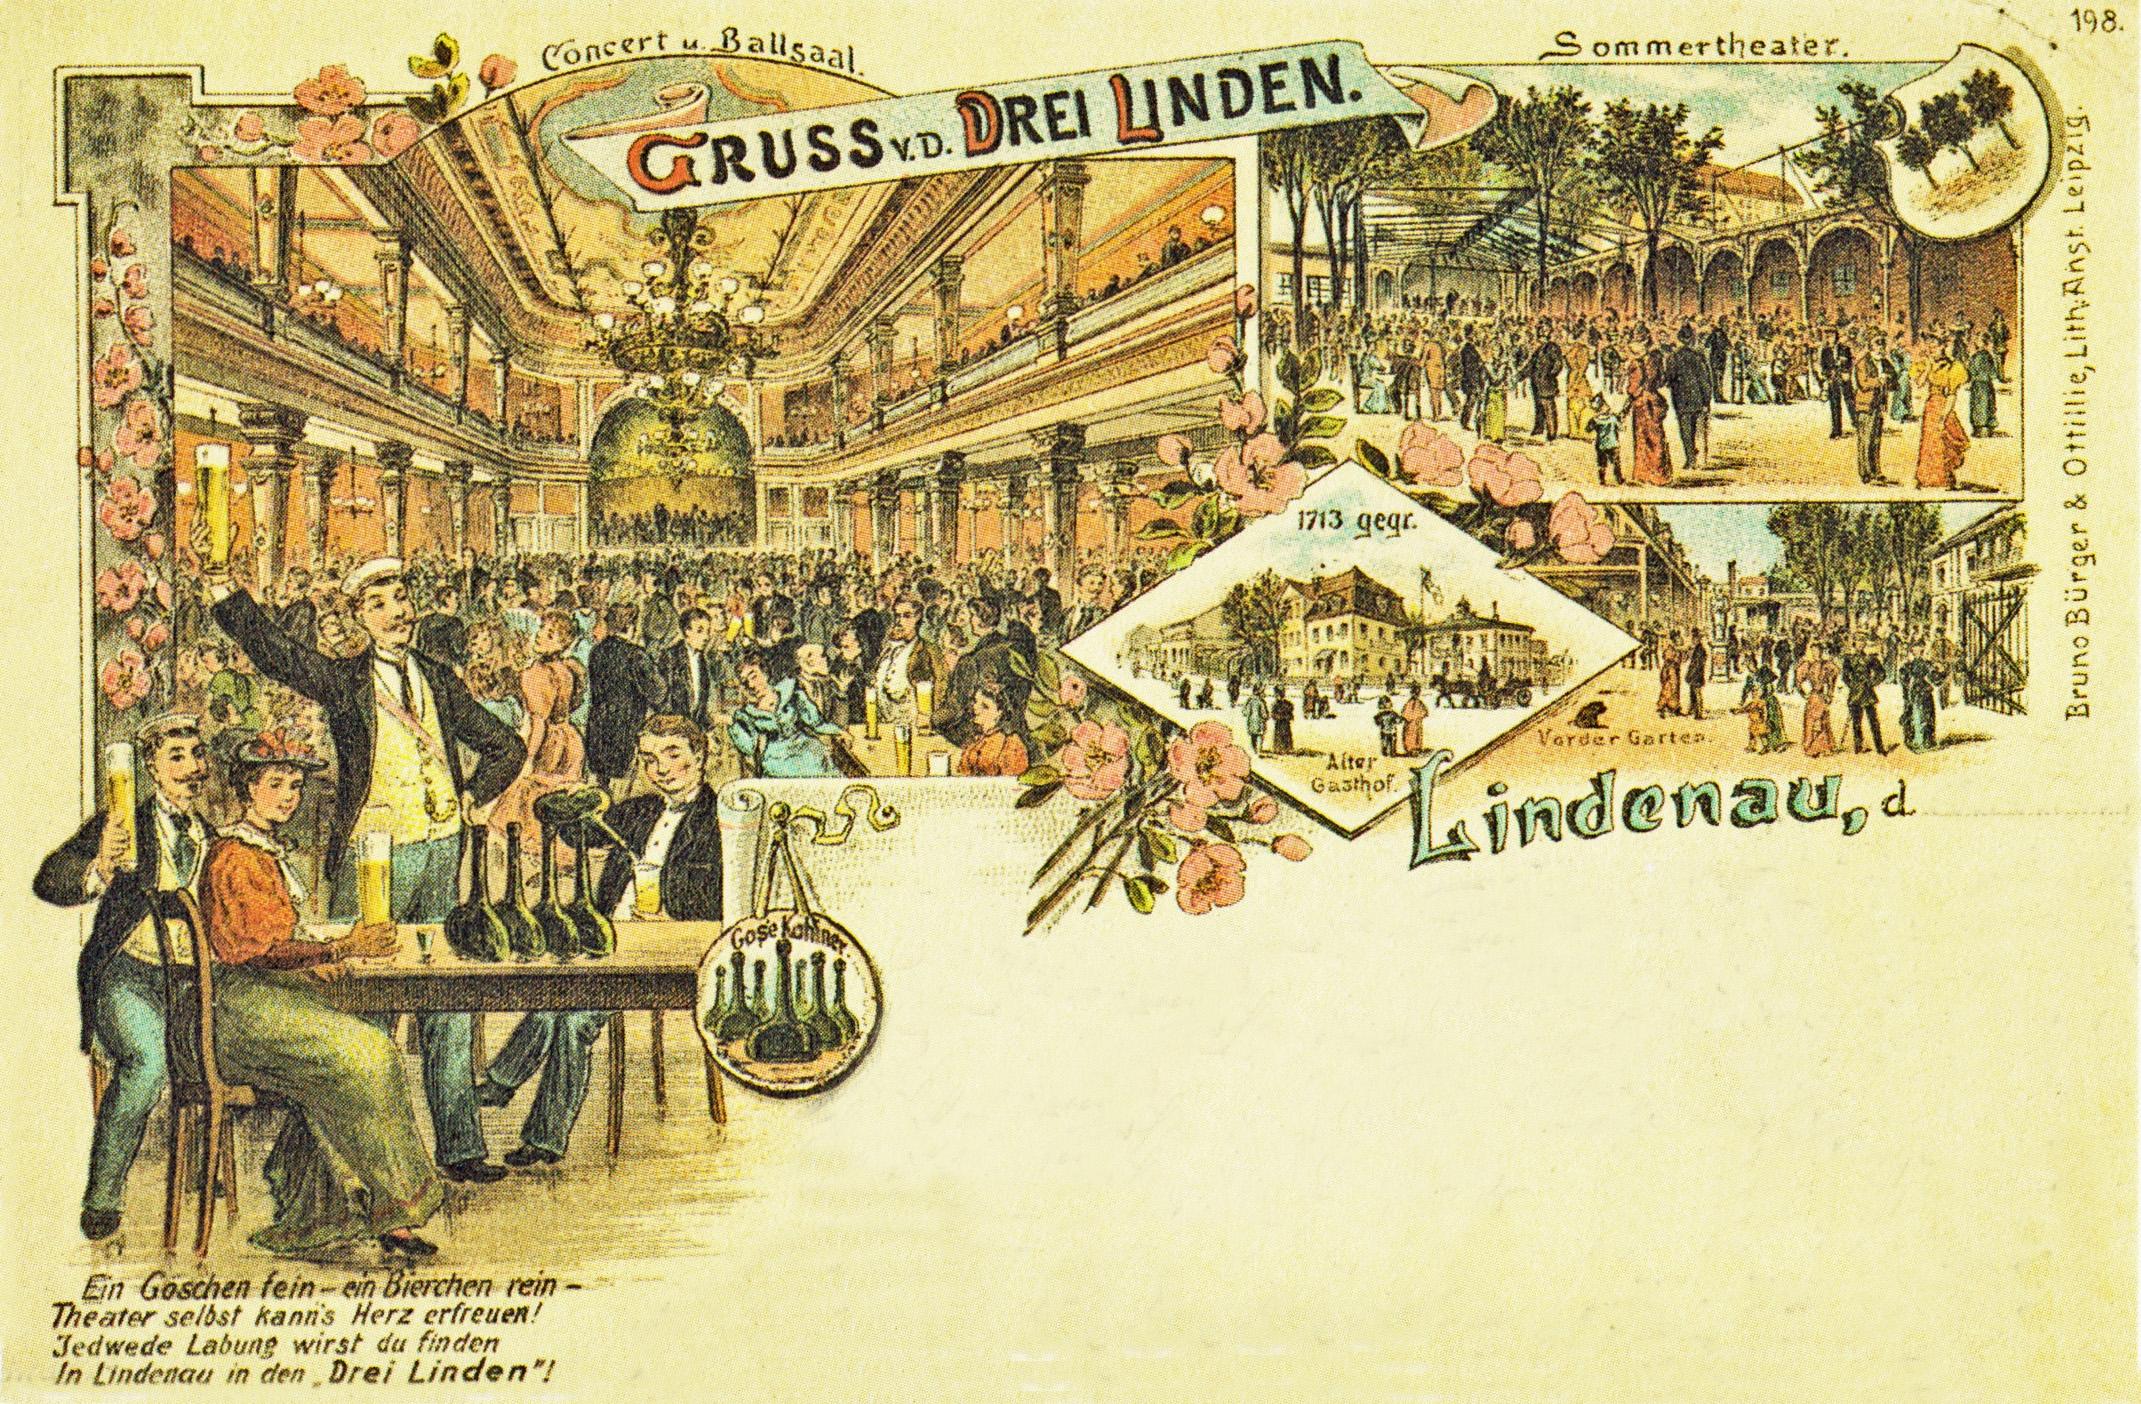 Postkarte Drei Linden.jpg